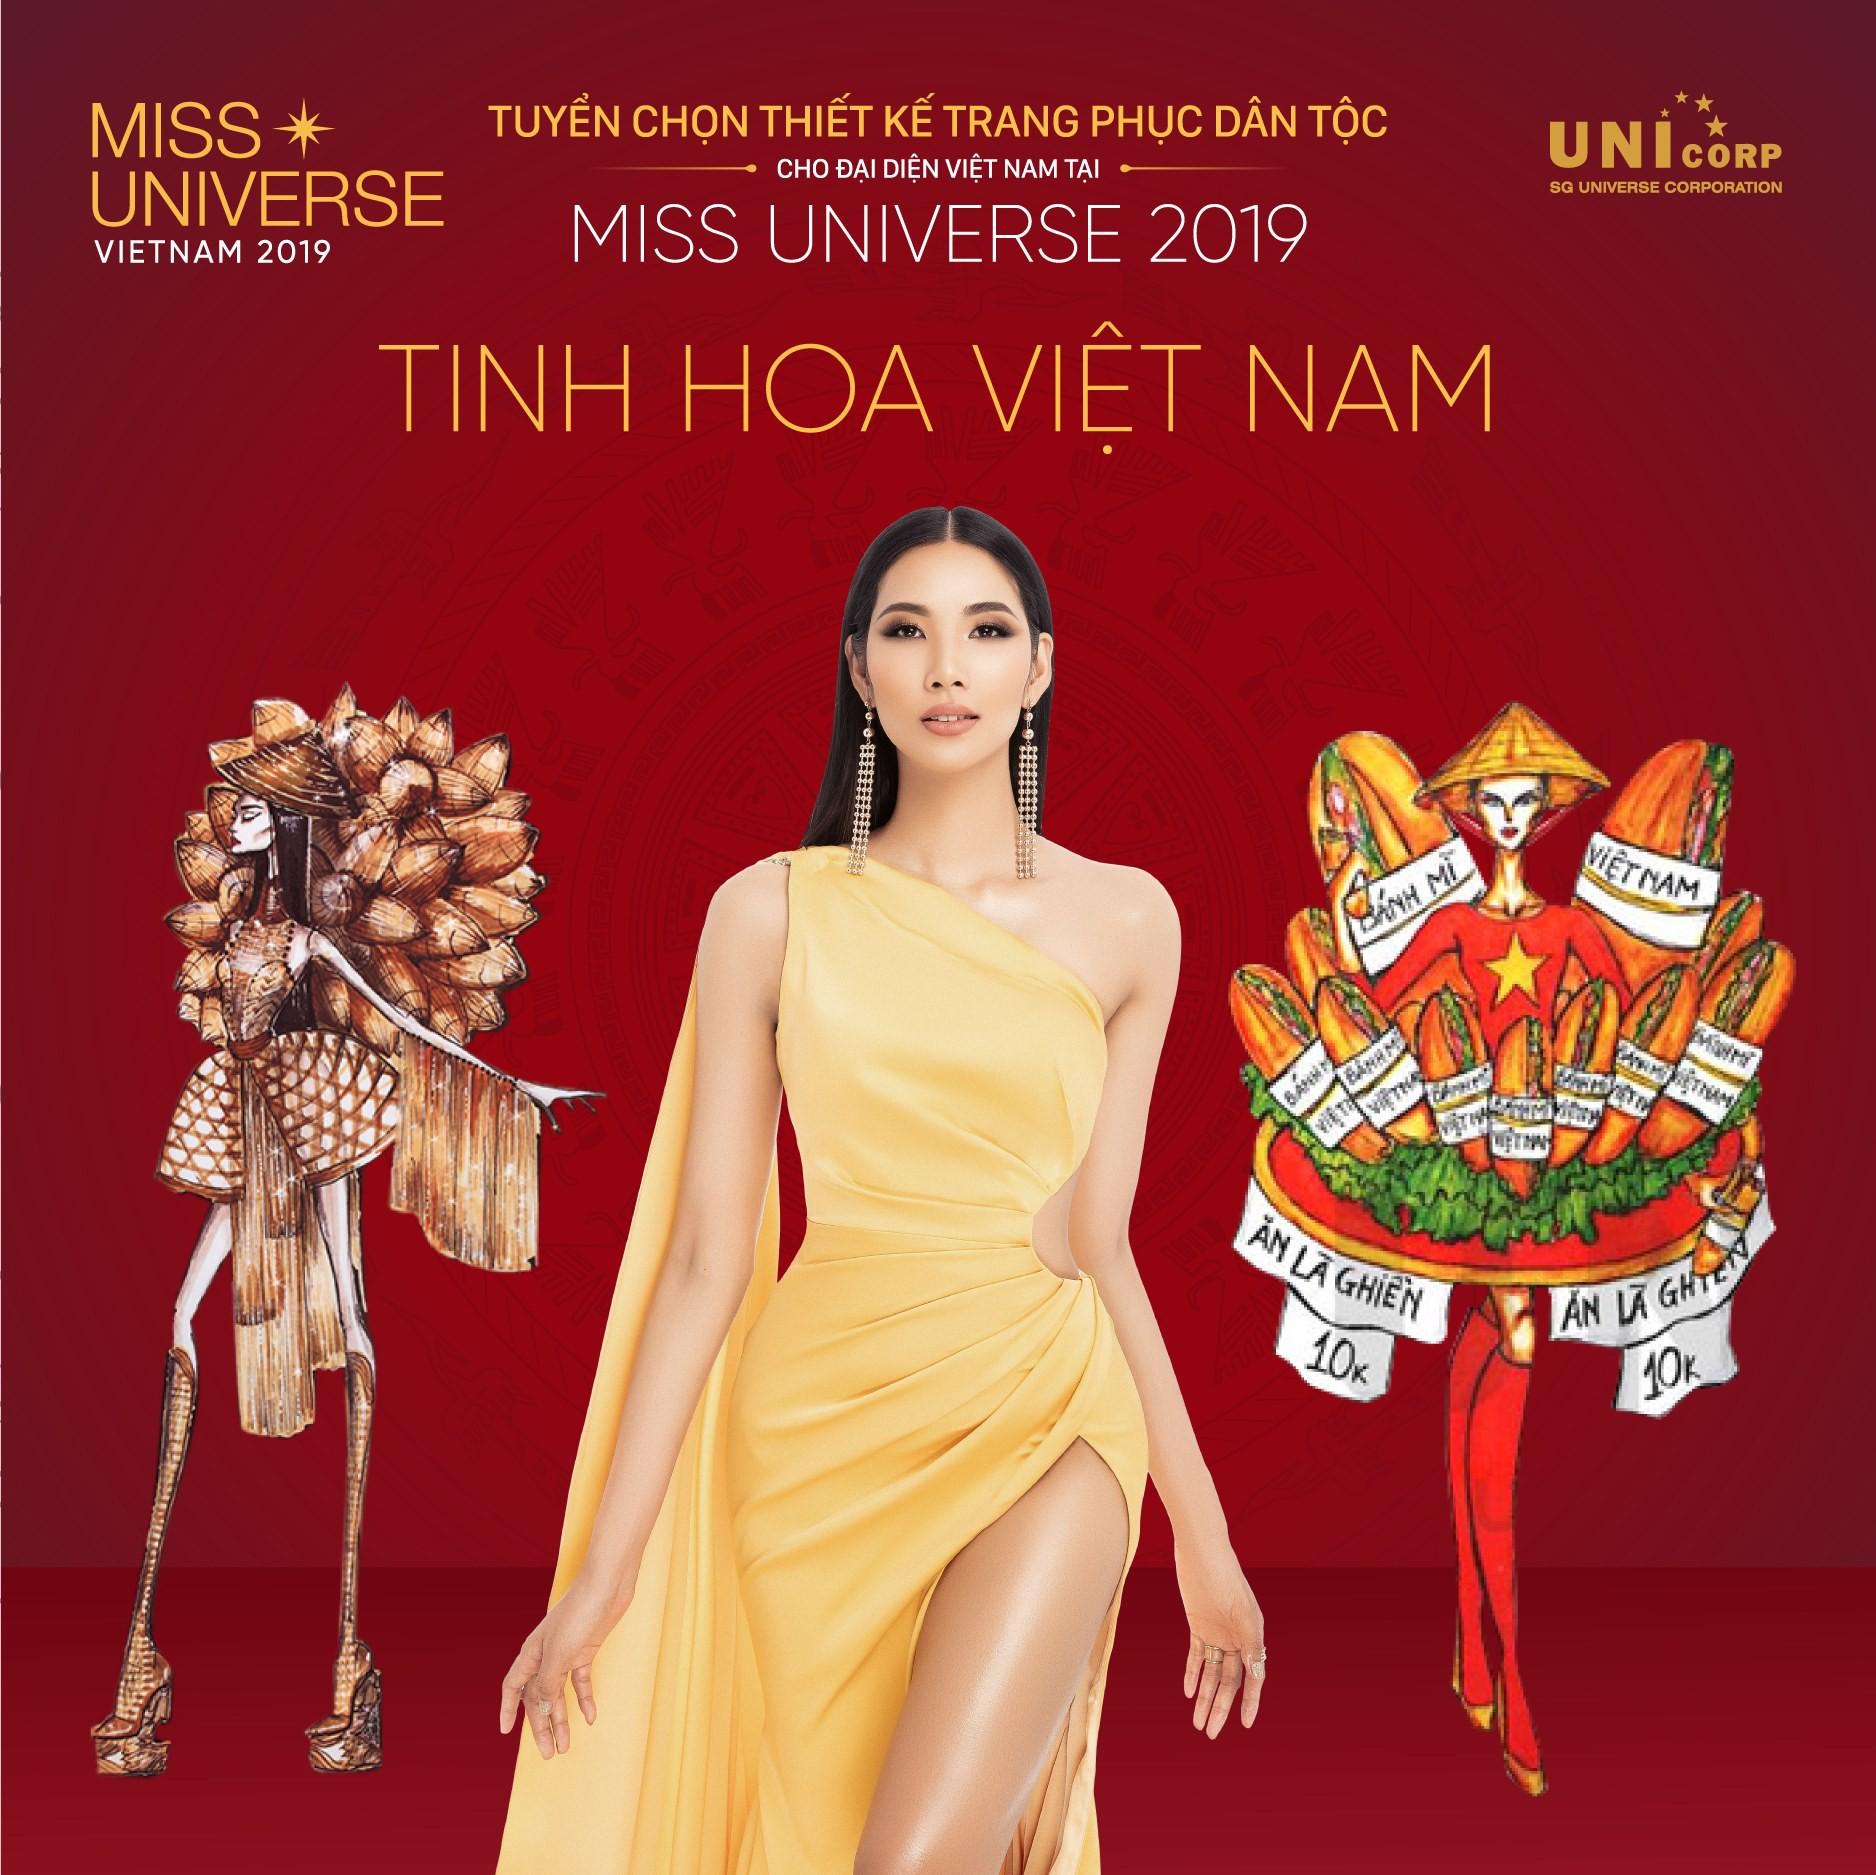 Sau bộ trang phục bánh mì quốc dân của H'Hen Niê, liệu tân hoa hậu Hoàng Thuỳ có cơ hội diện cà phê sữa và mì quảng lên sân khấu? - Ảnh 3.